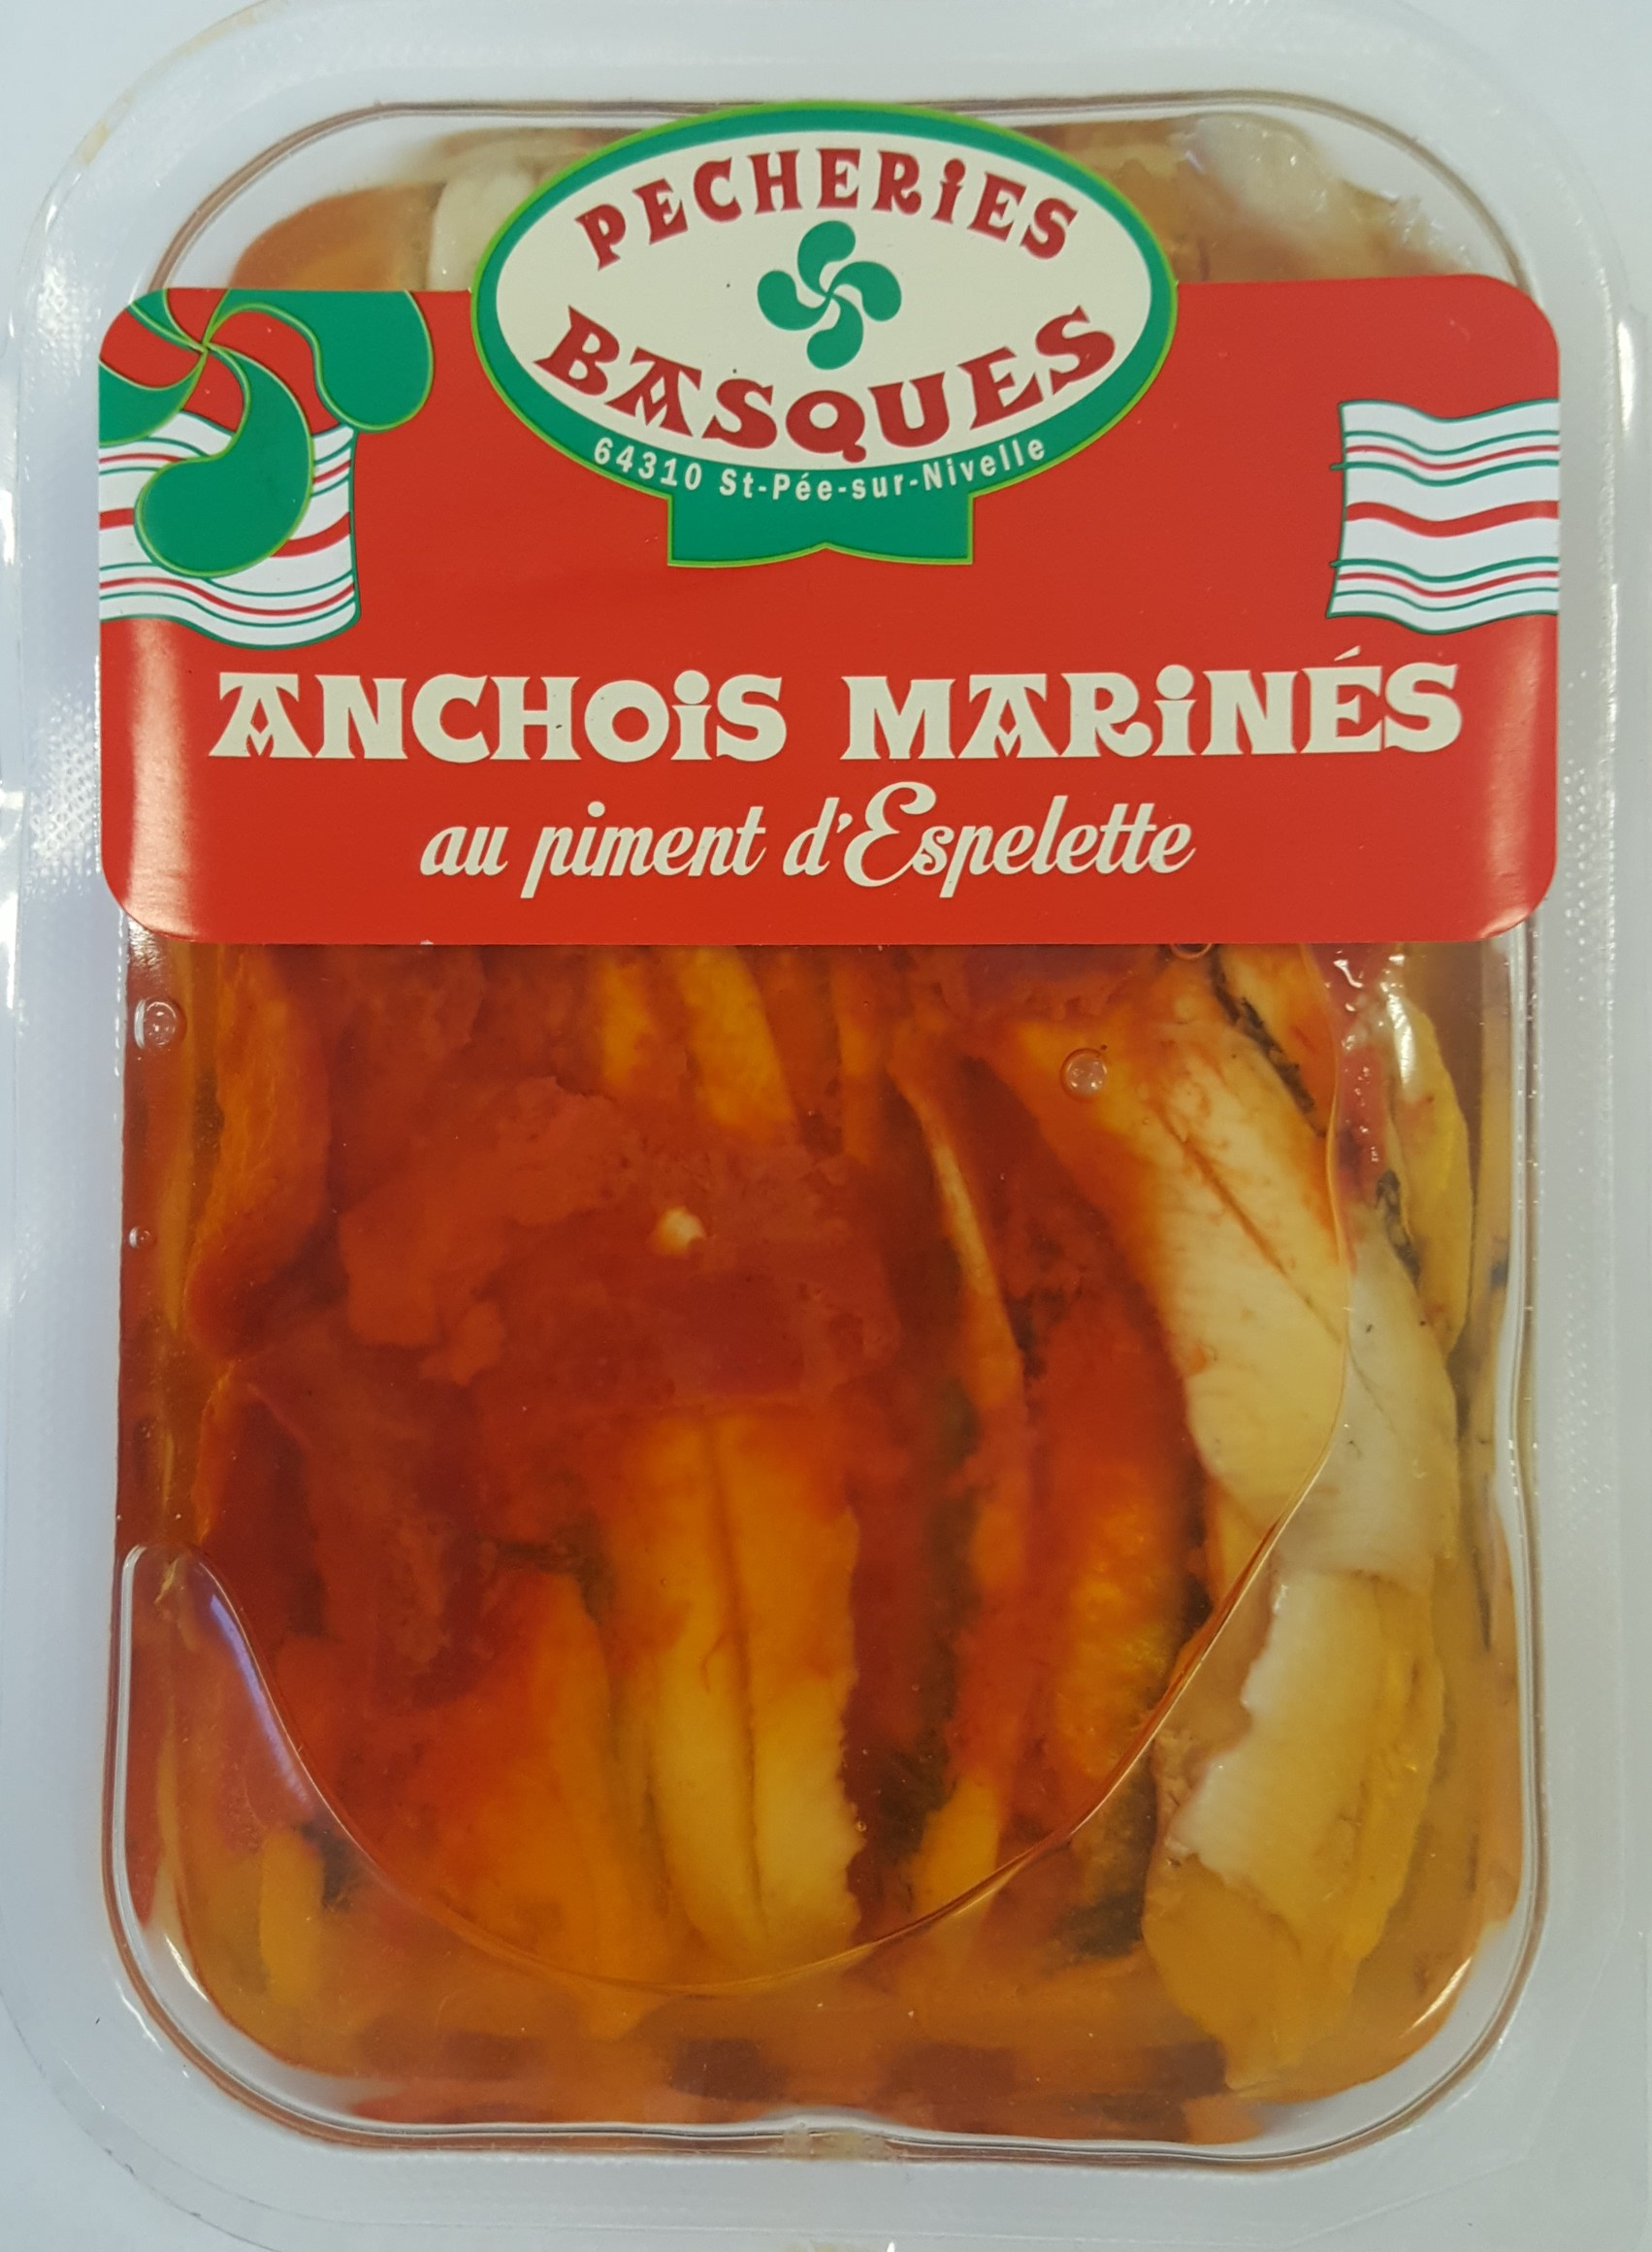 Anchois au Piment d'Espelette, Pêcheries Basques (200 g)